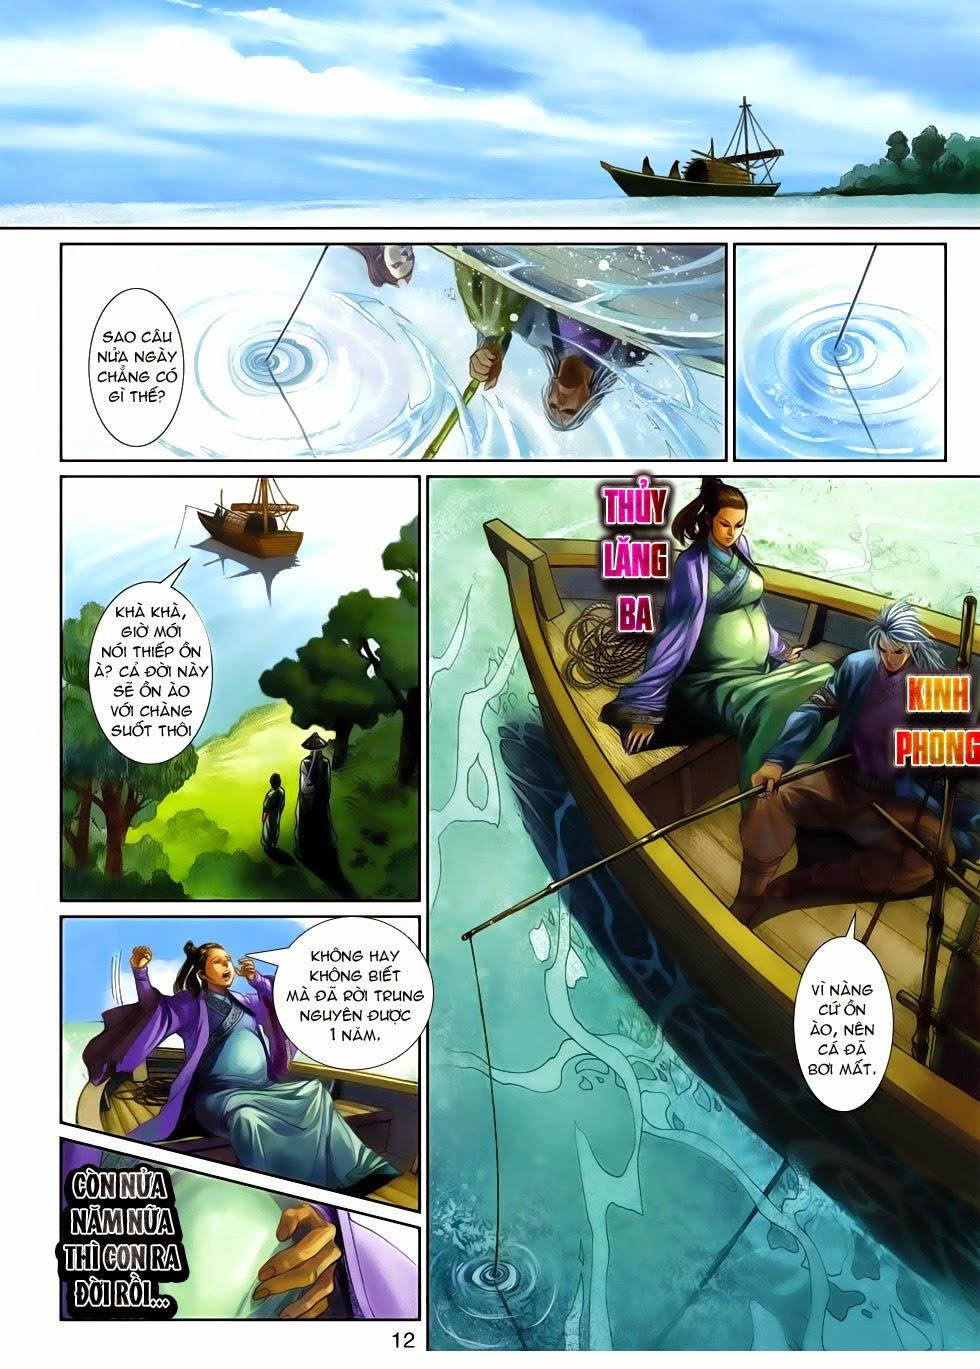 Thần Binh Tiền Truyện 4 - Huyền Thiên Tà Đế chap 14 - Trang 12